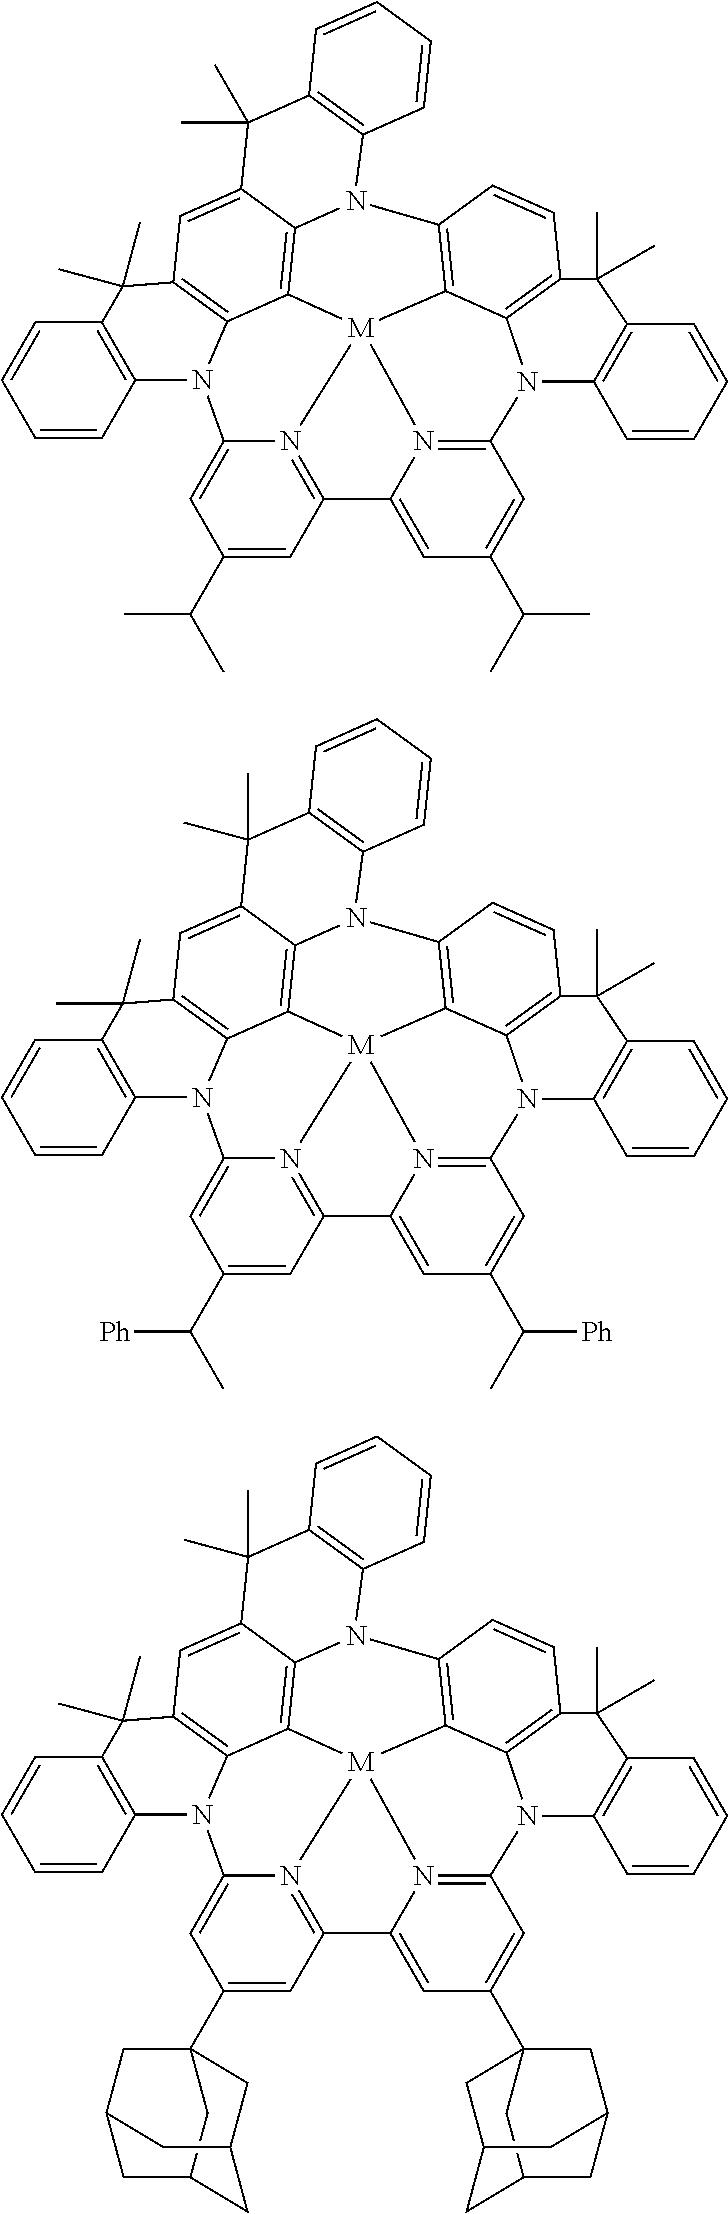 Figure US10158091-20181218-C00207